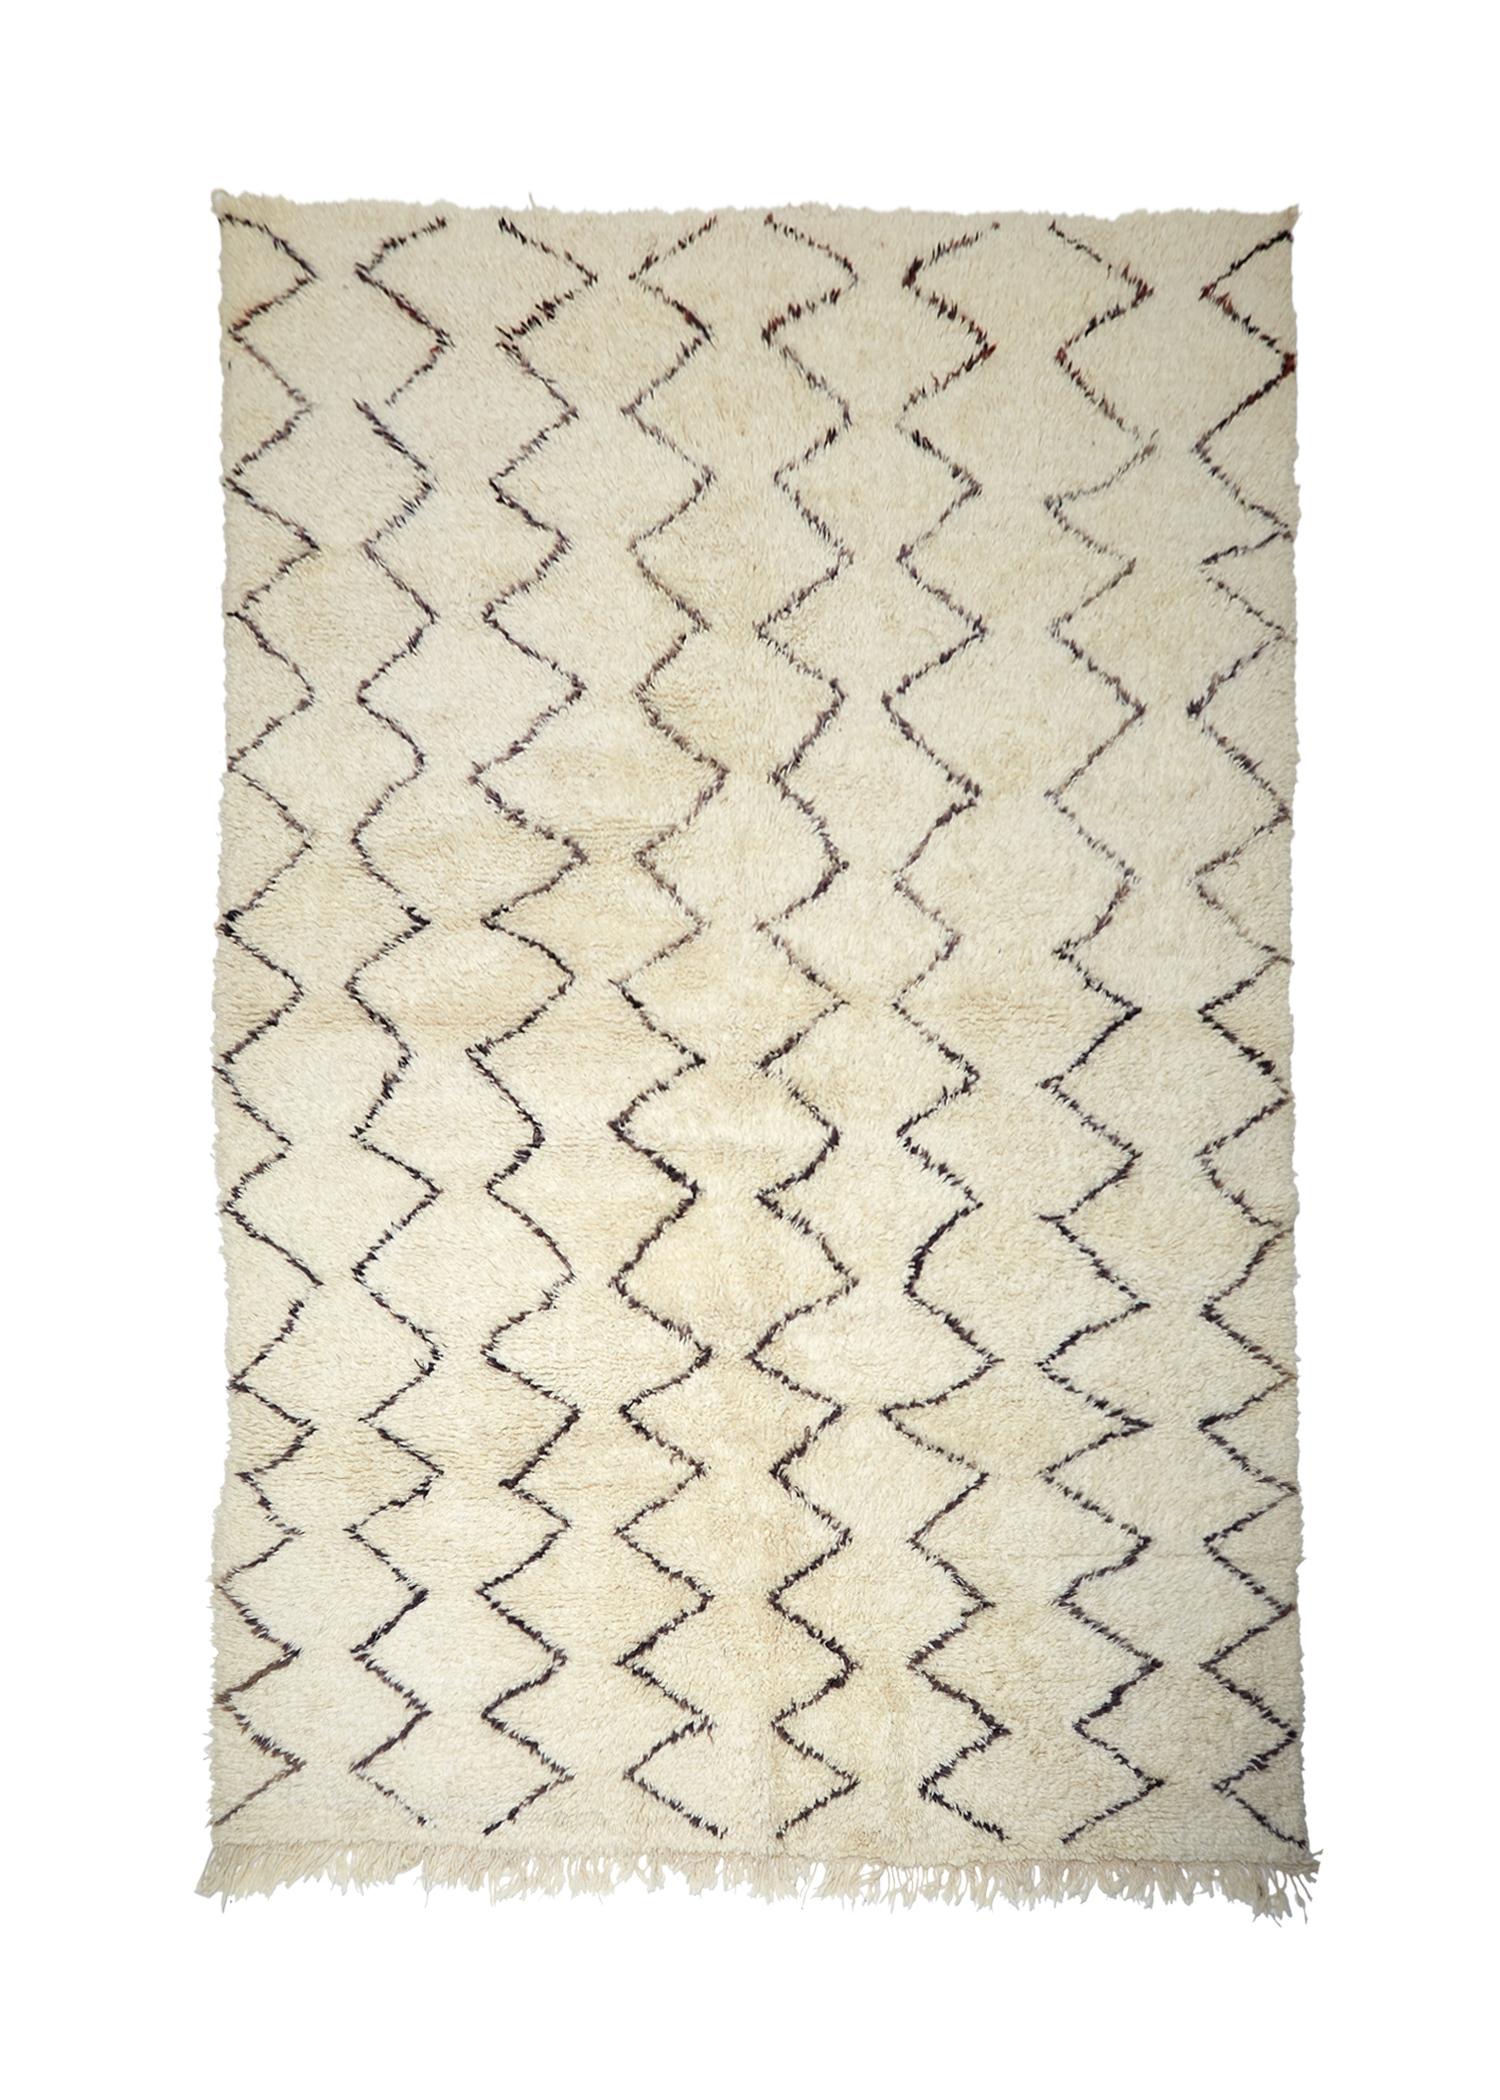 berber rugs mw67_295x230 UNUYXQD